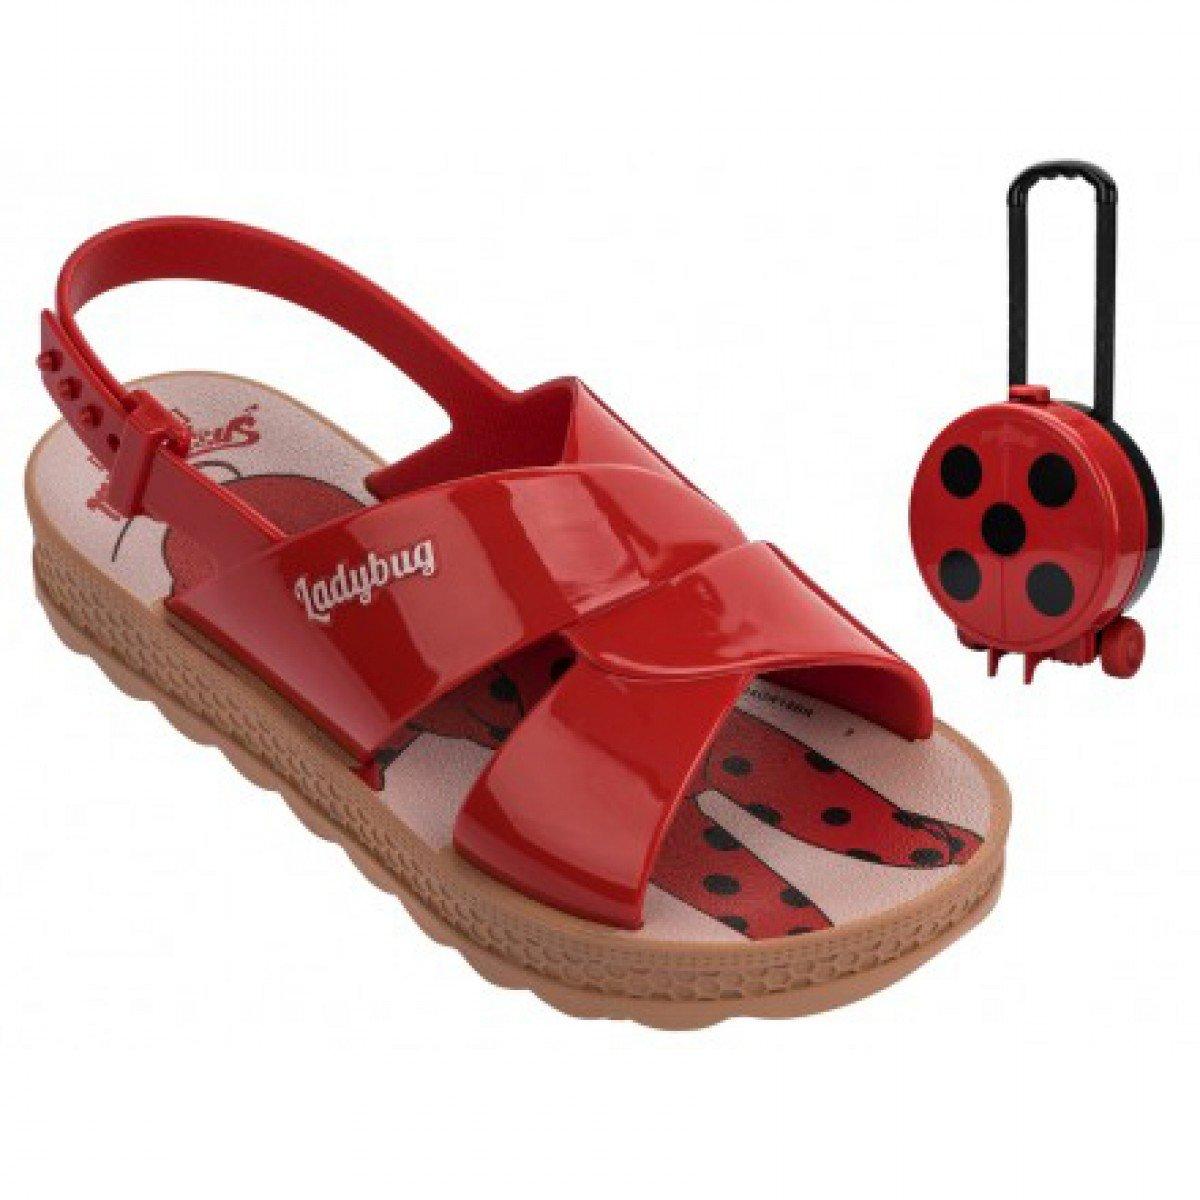 6f2ee17d6 Sandália Grendene Ladybug Trip Bag Vermelha - Compre Agora